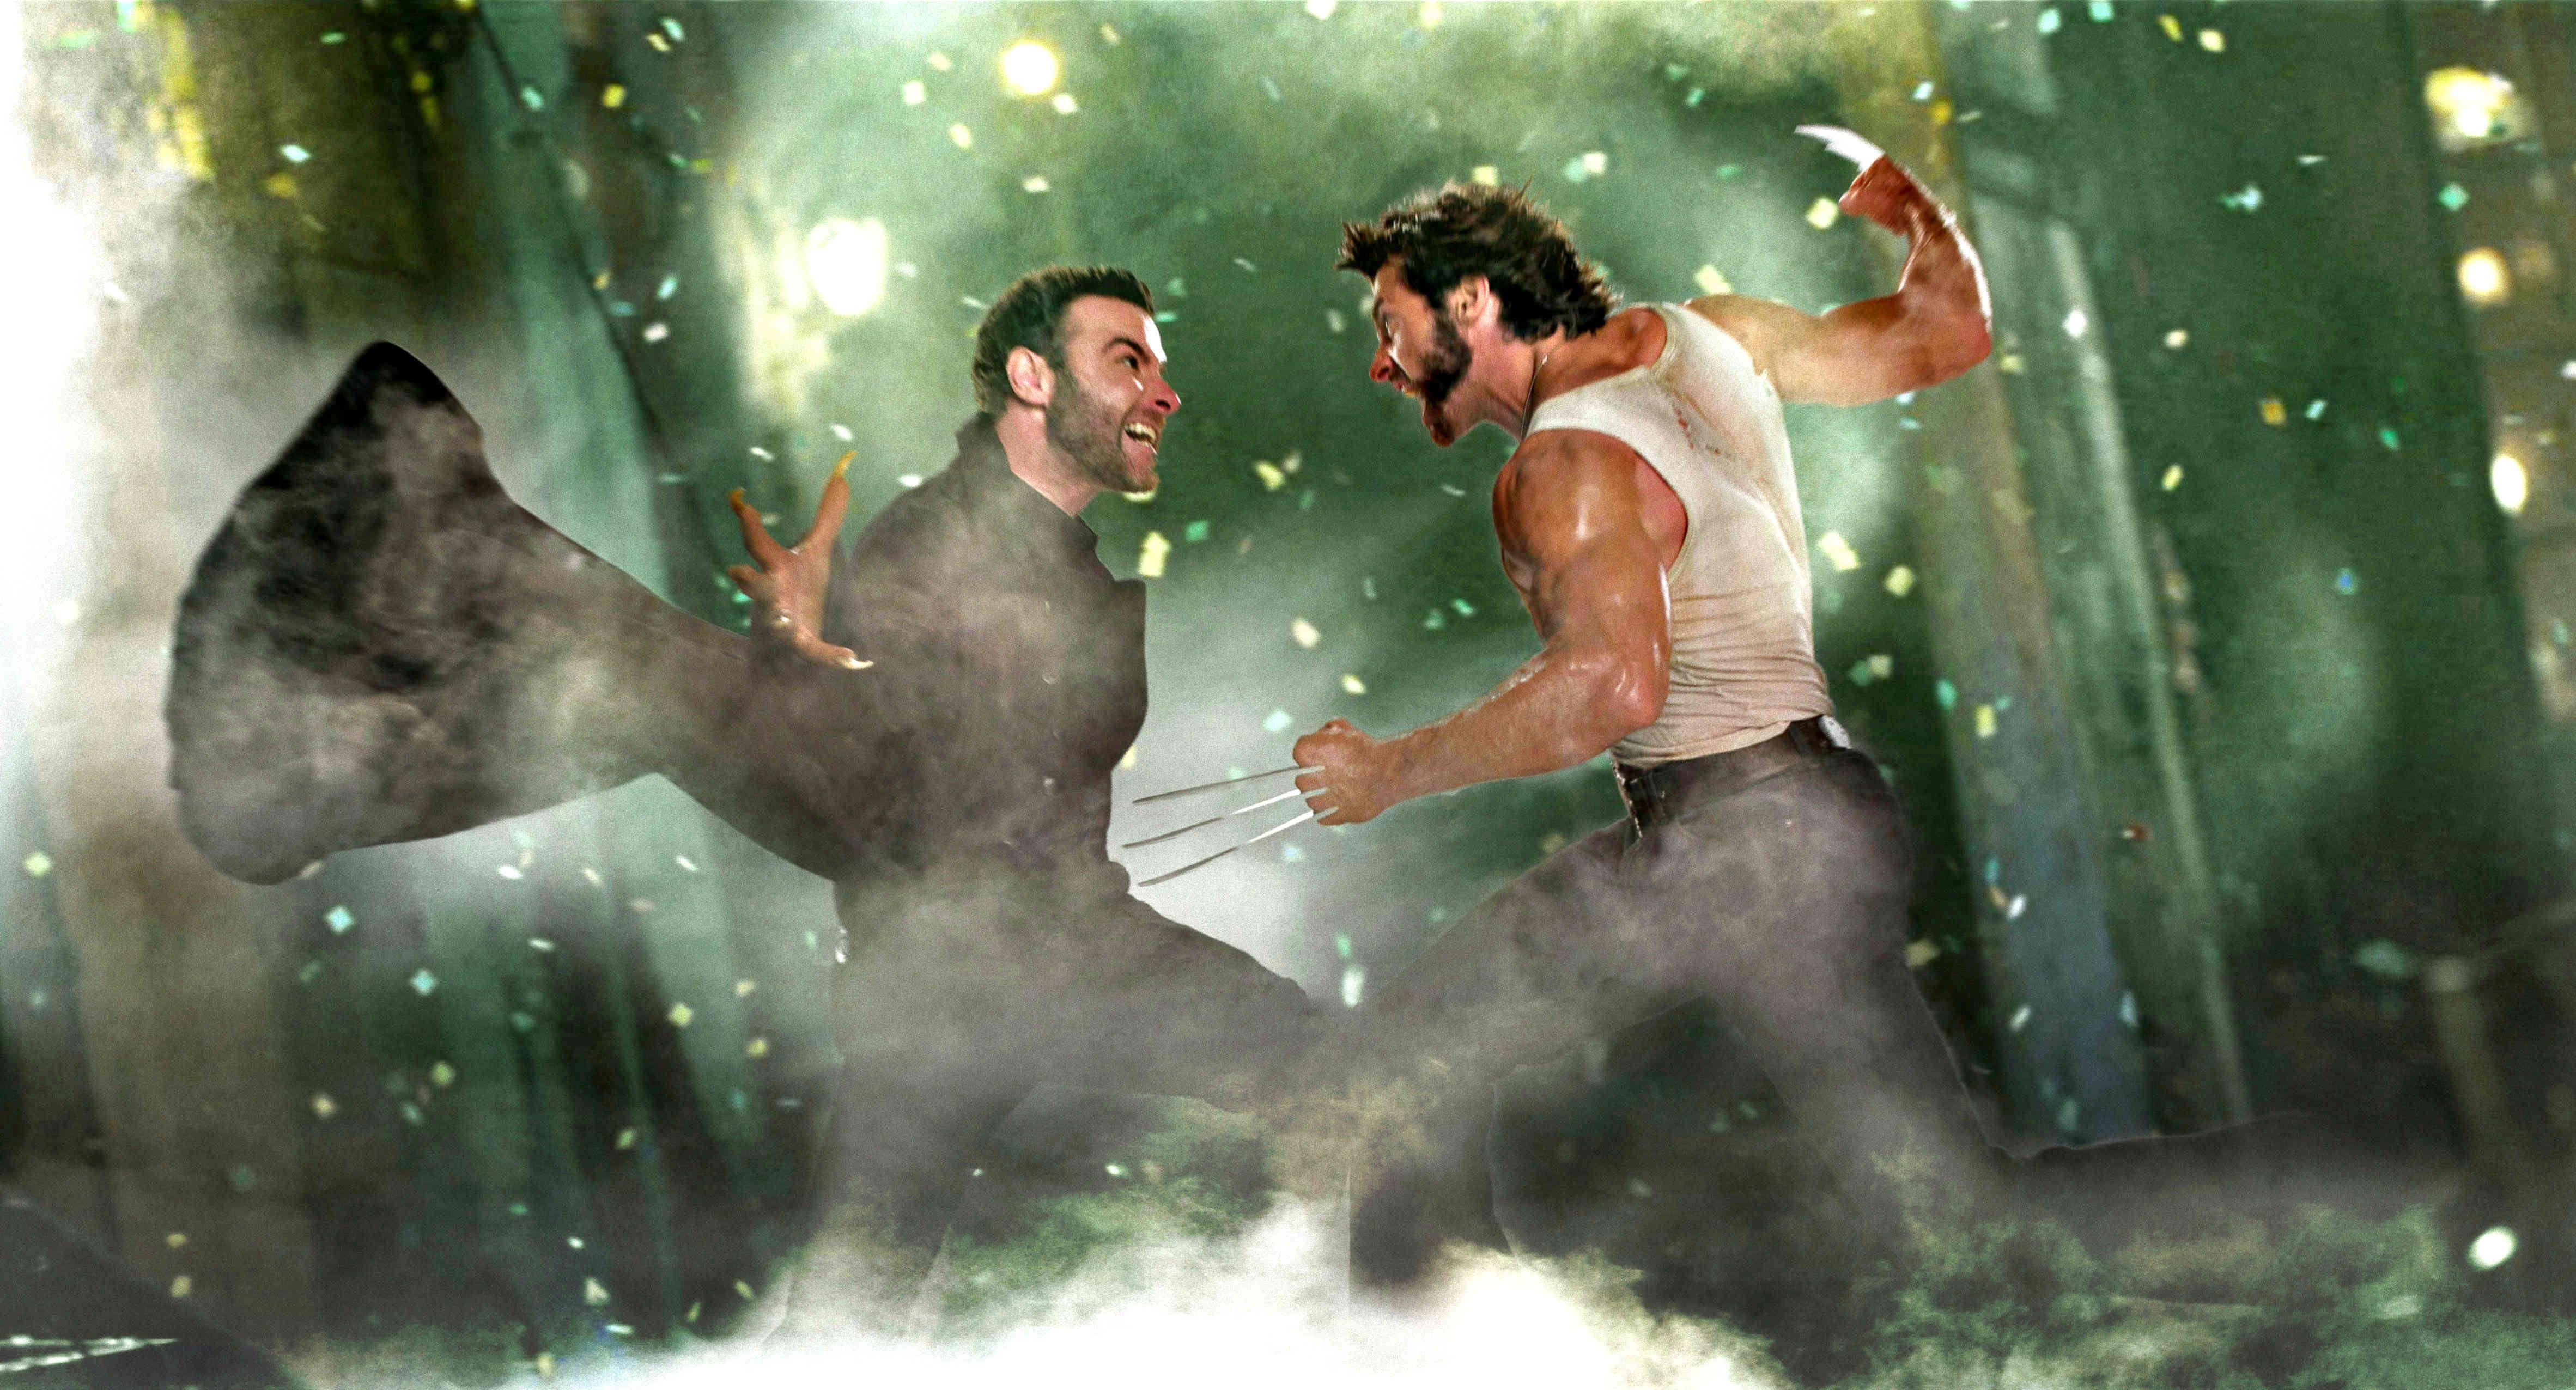 X Men Origins Wolverine Picture 41 Wolverine Pictures Wolverine 2009 Sabertooth